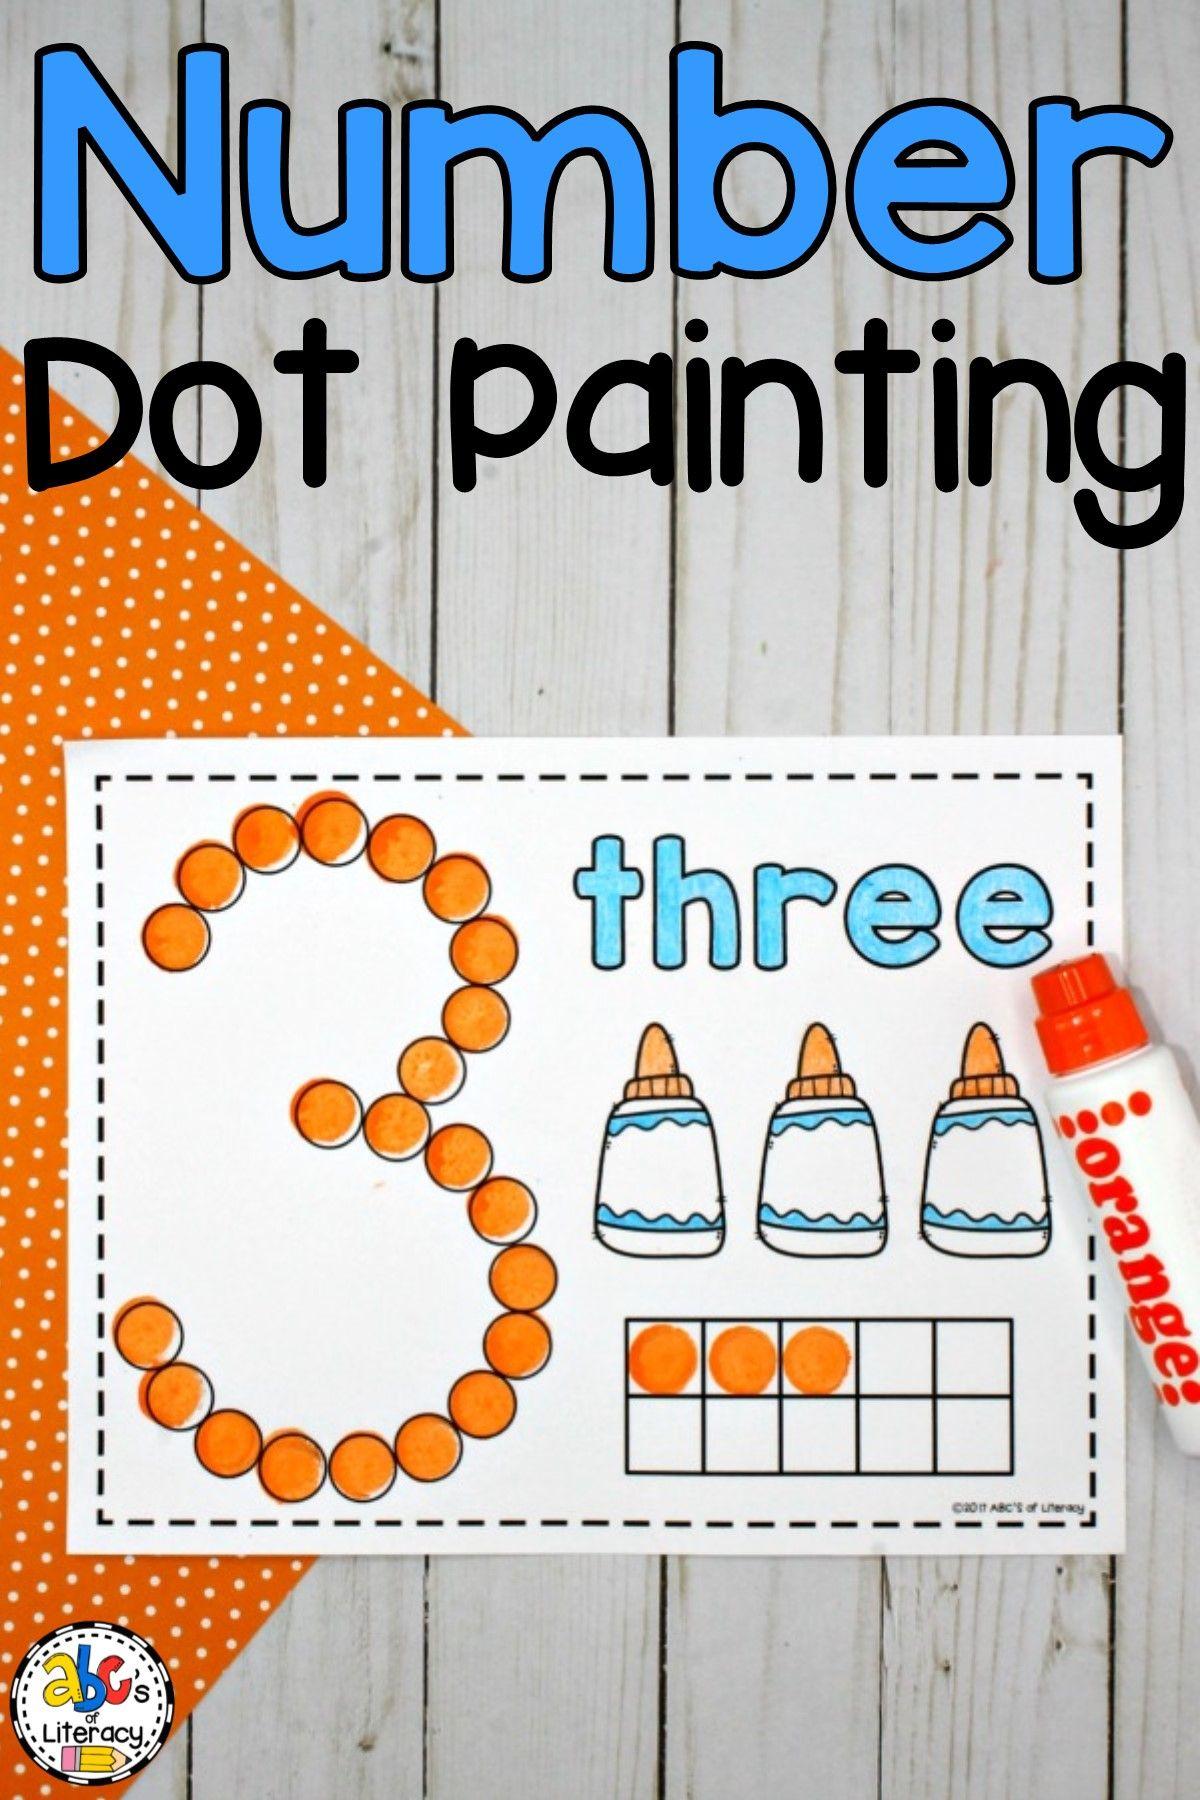 Number Dot Painting Bingo Dauber Activities Bingo Dauber Dauber Activities [ 1800 x 1200 Pixel ]